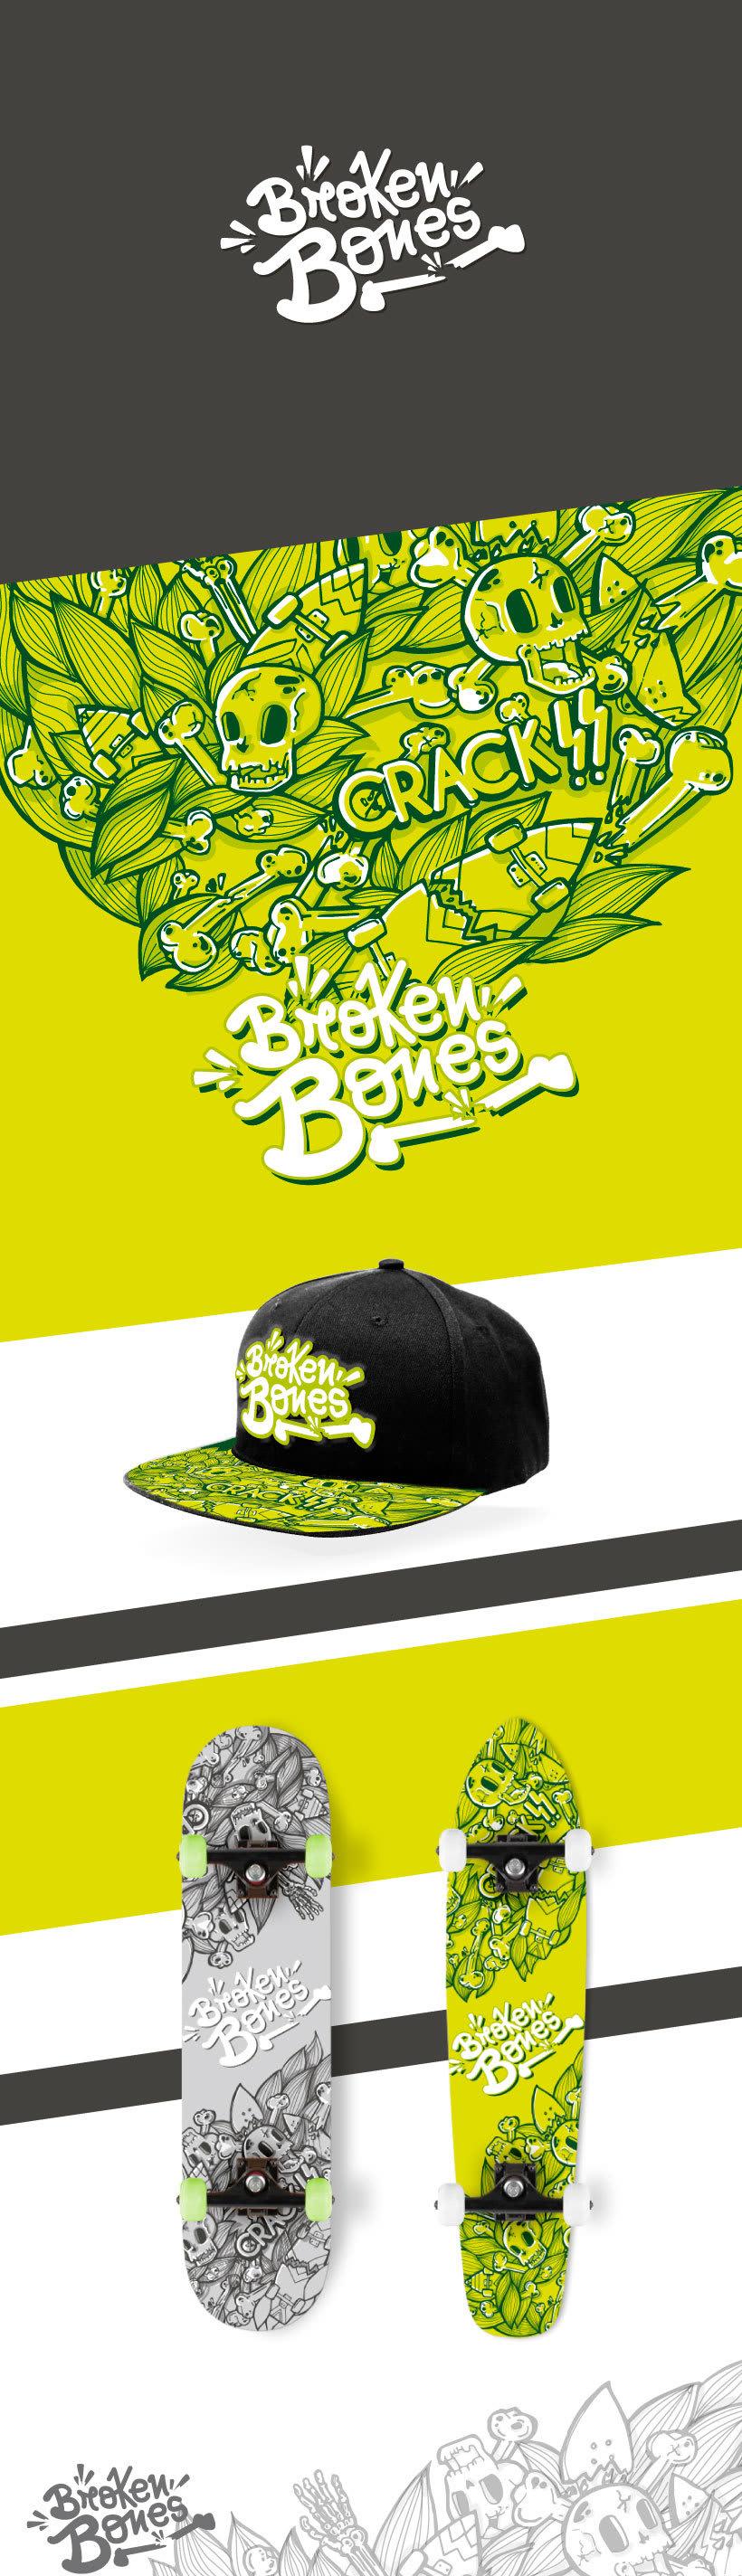 Broken Bones - Urban Brand 0